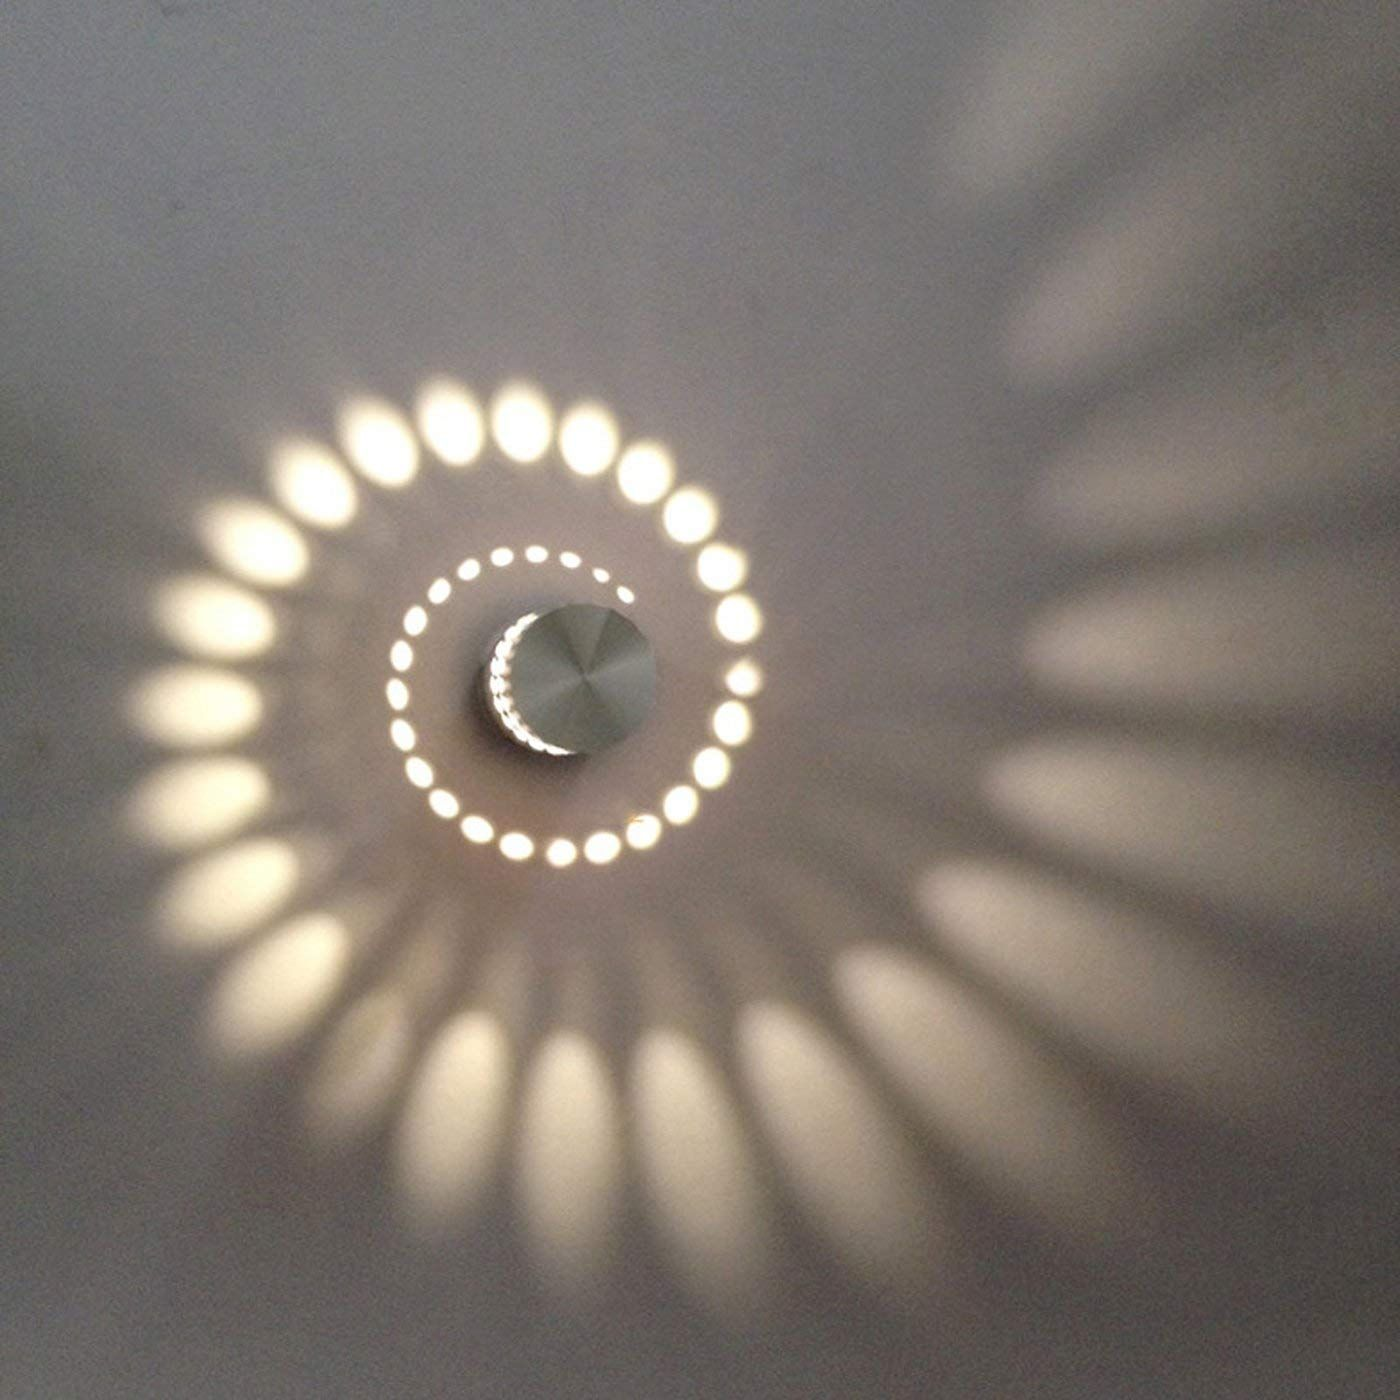 Coocnh Applique Murale Interieur Led Effet Moderne 3w Blanc Chaud En Aluminium Lampe De Mur Decorative Applique Murale Interieur Interieur Led Applique Murale